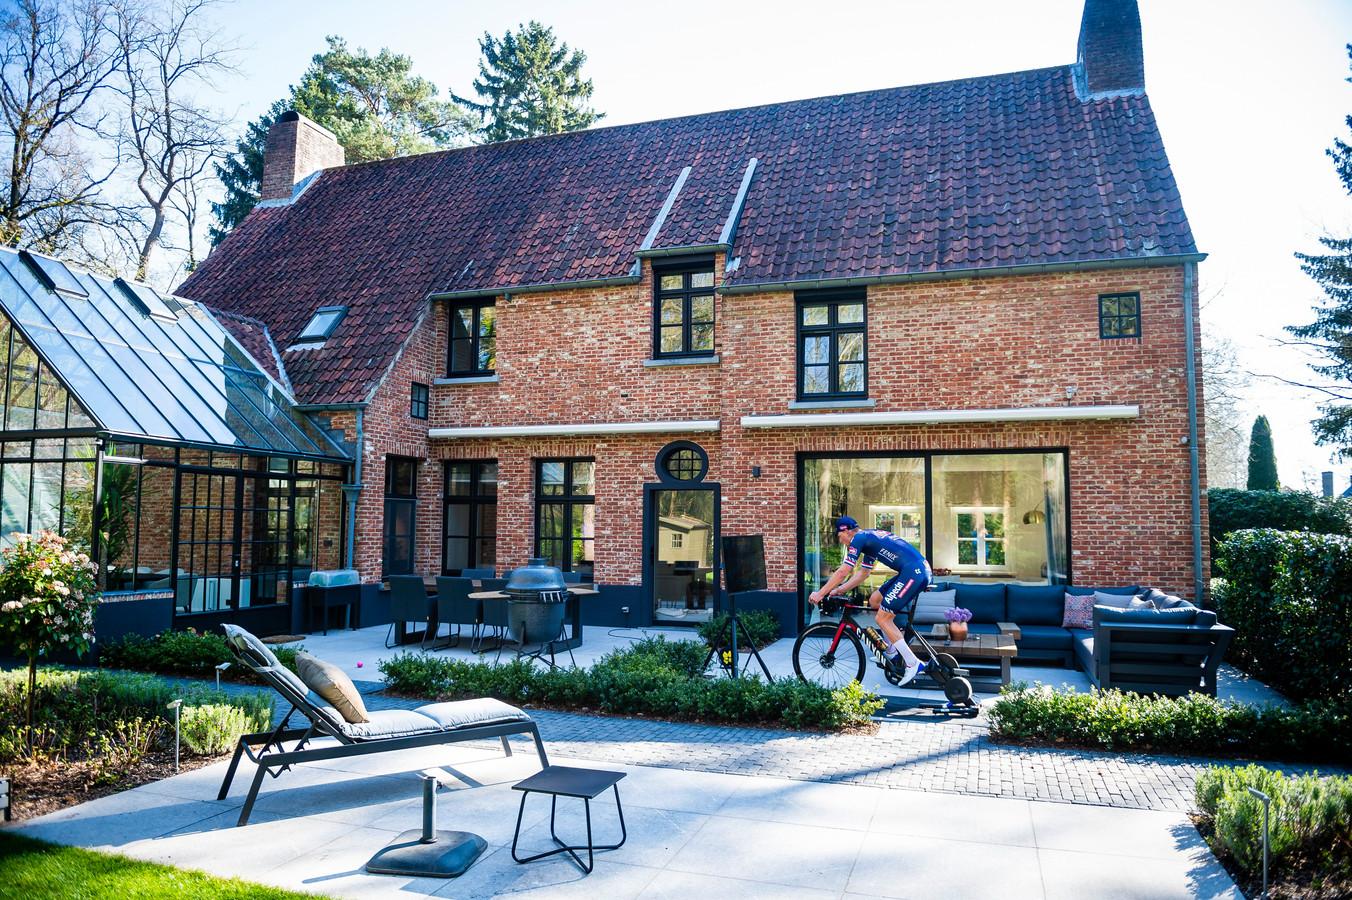 Casa em Kapellen, Belgium